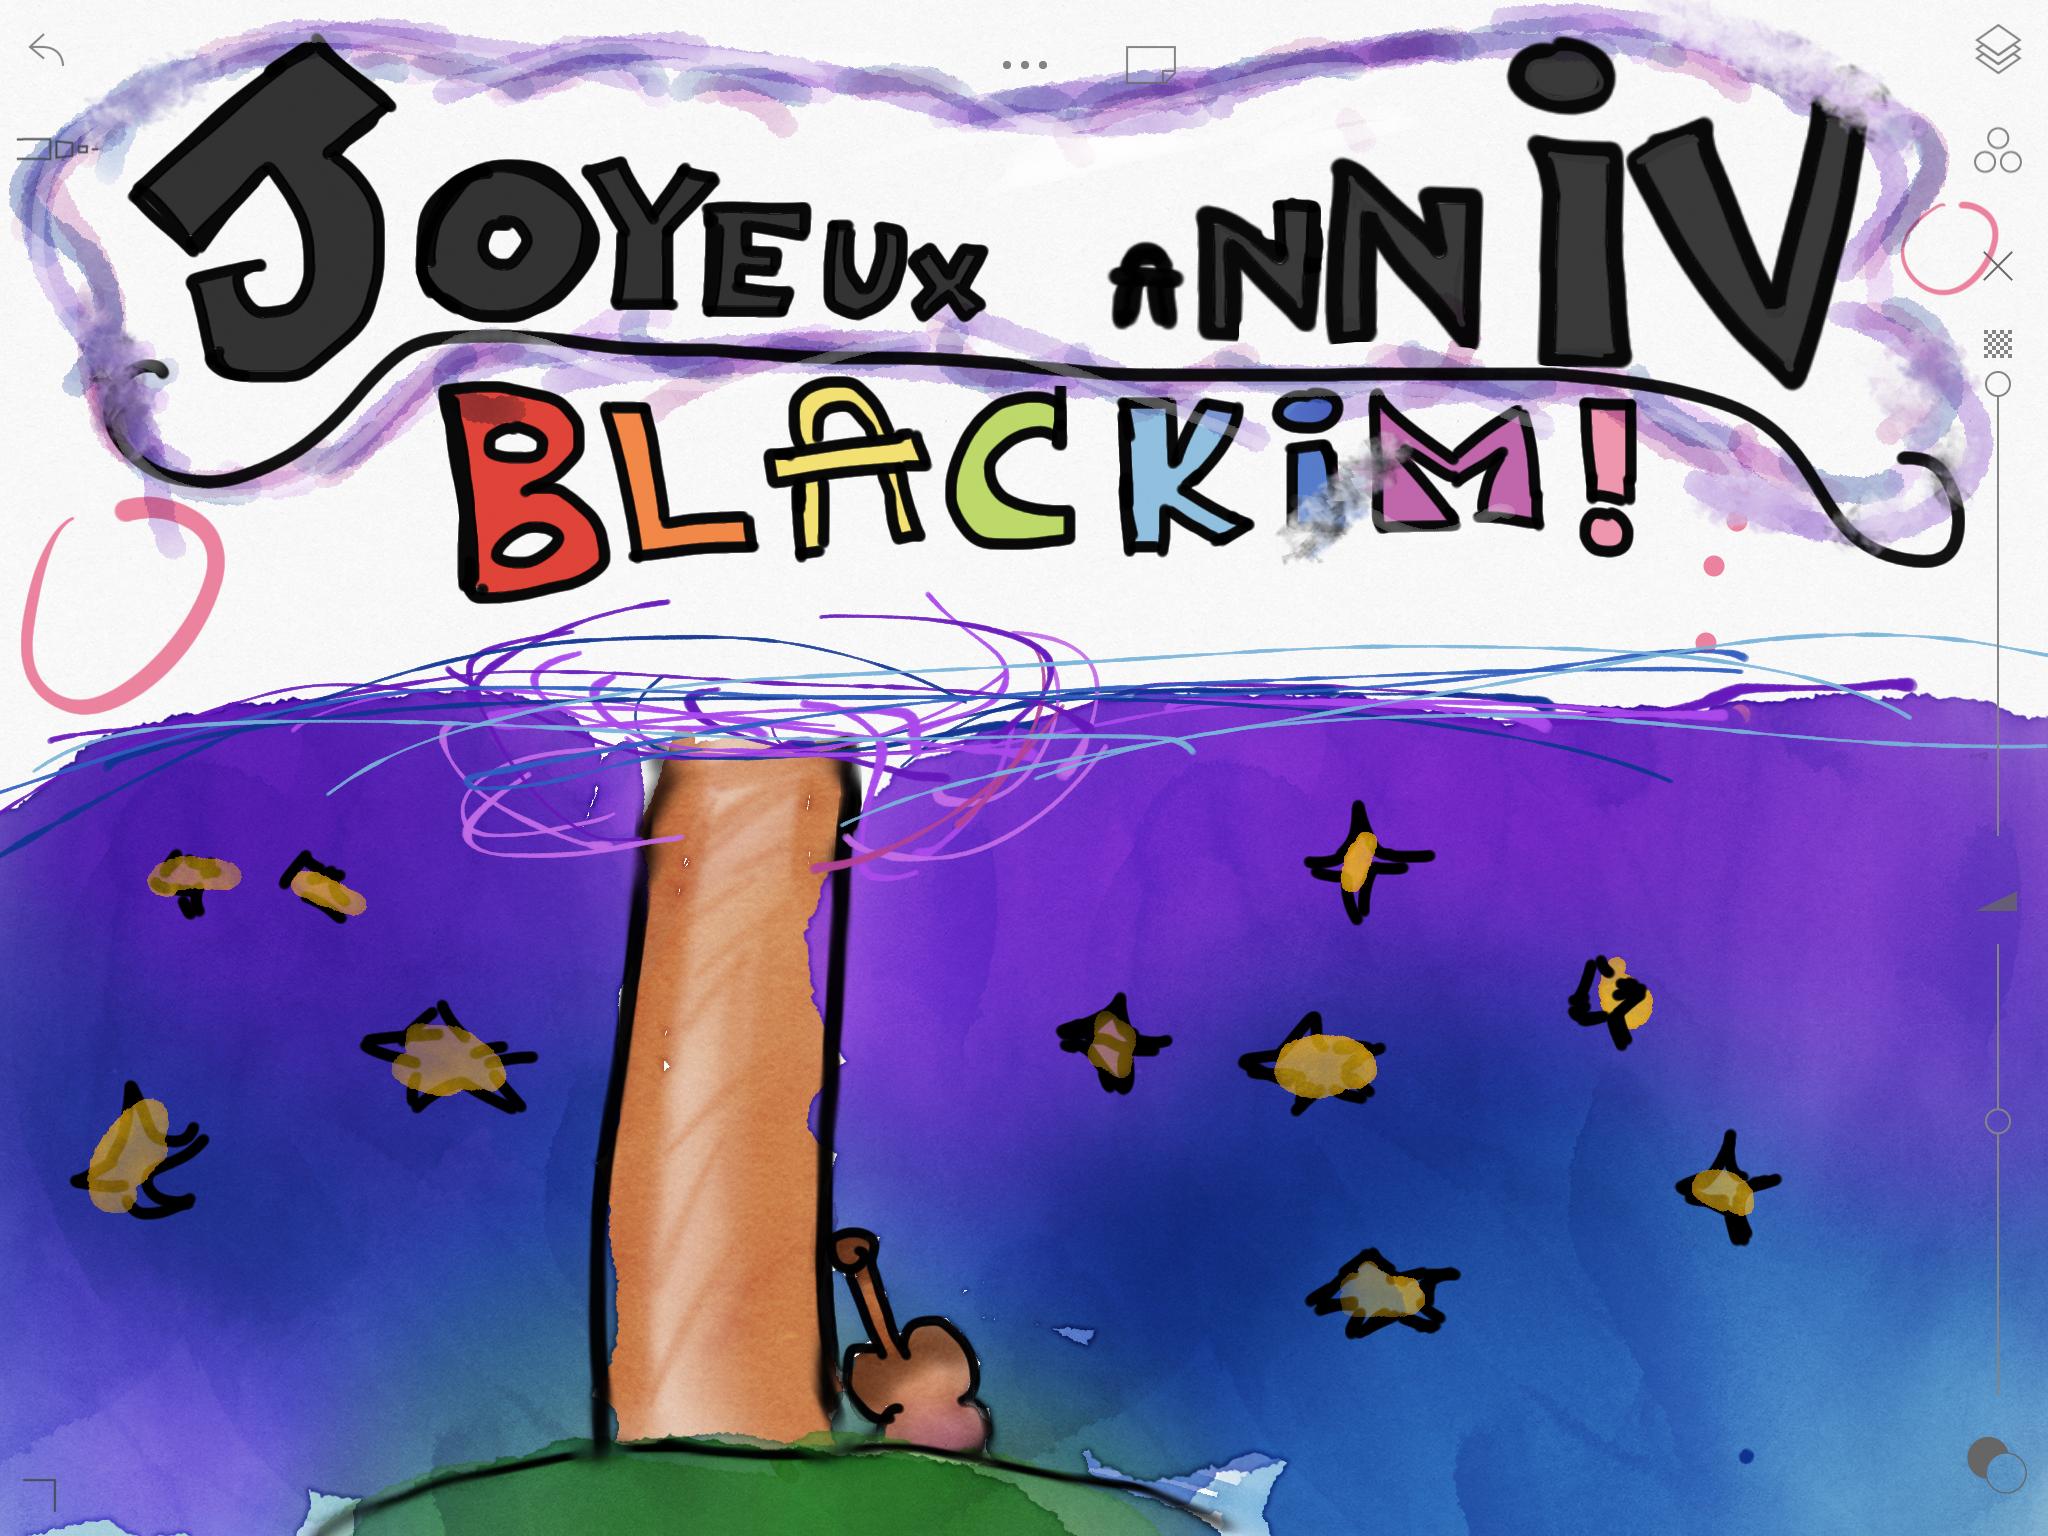 Bon anniversaire Blackim!